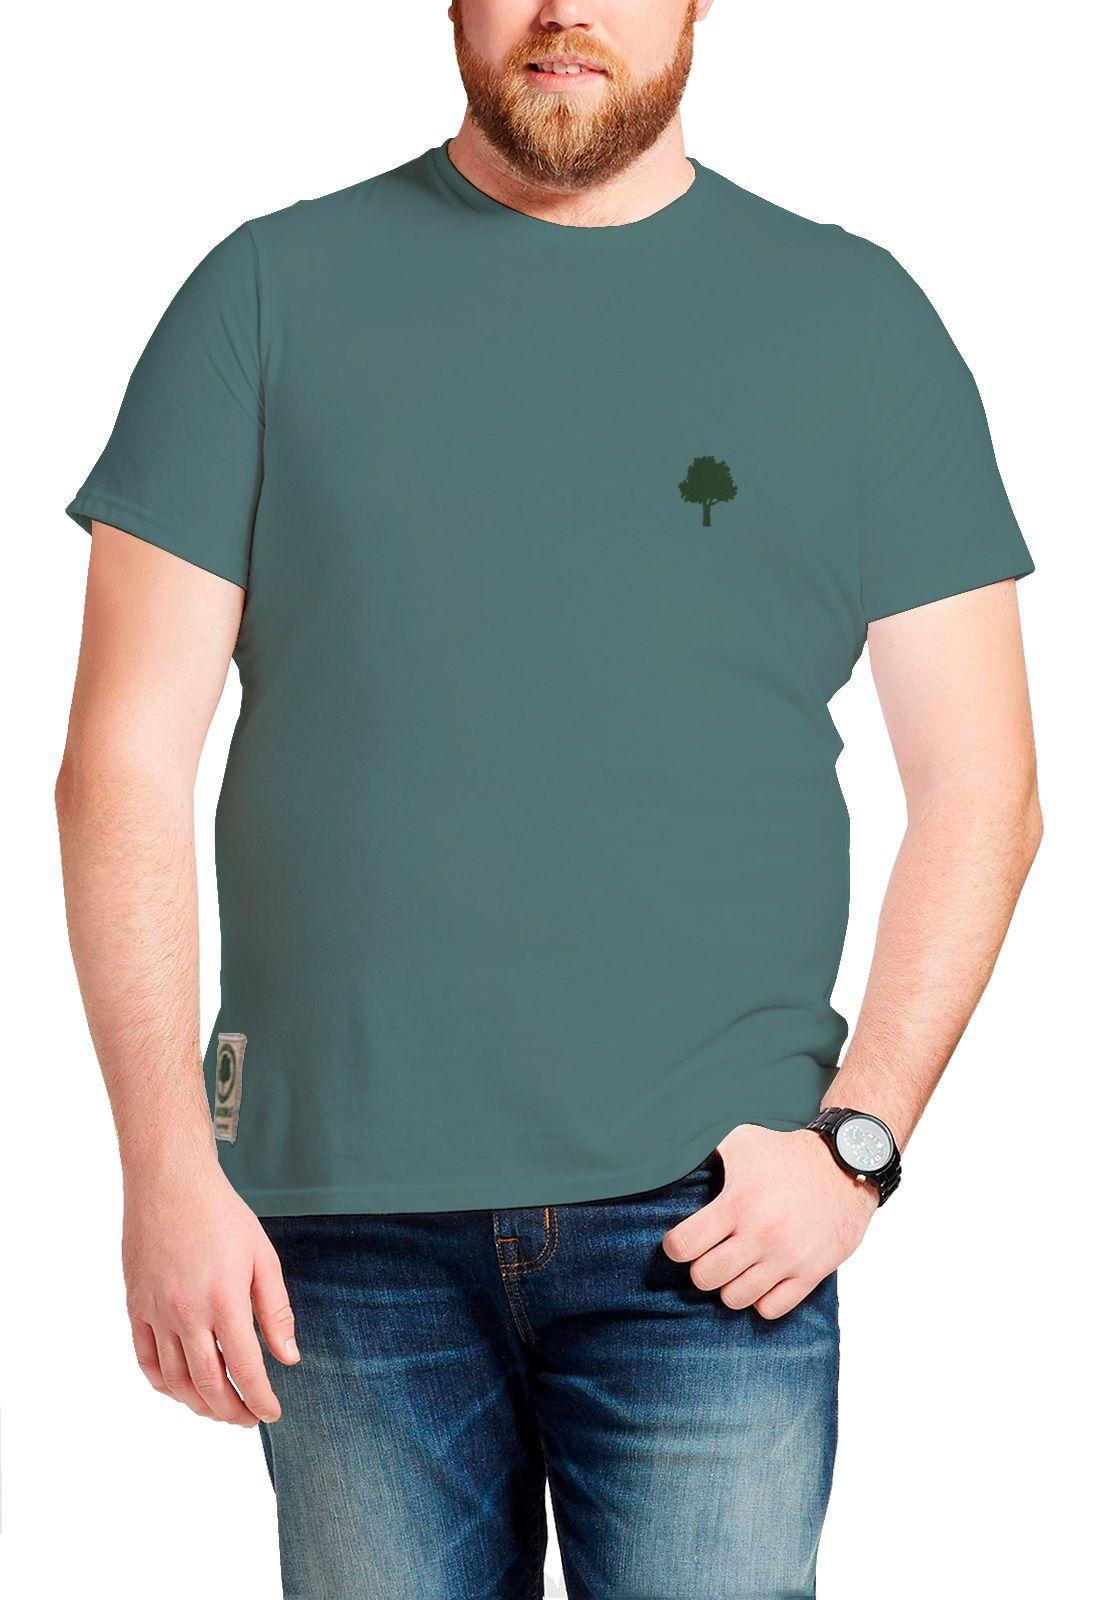 Camiseta Amazônia Básica Árvore Bordada - Cinza Escuro